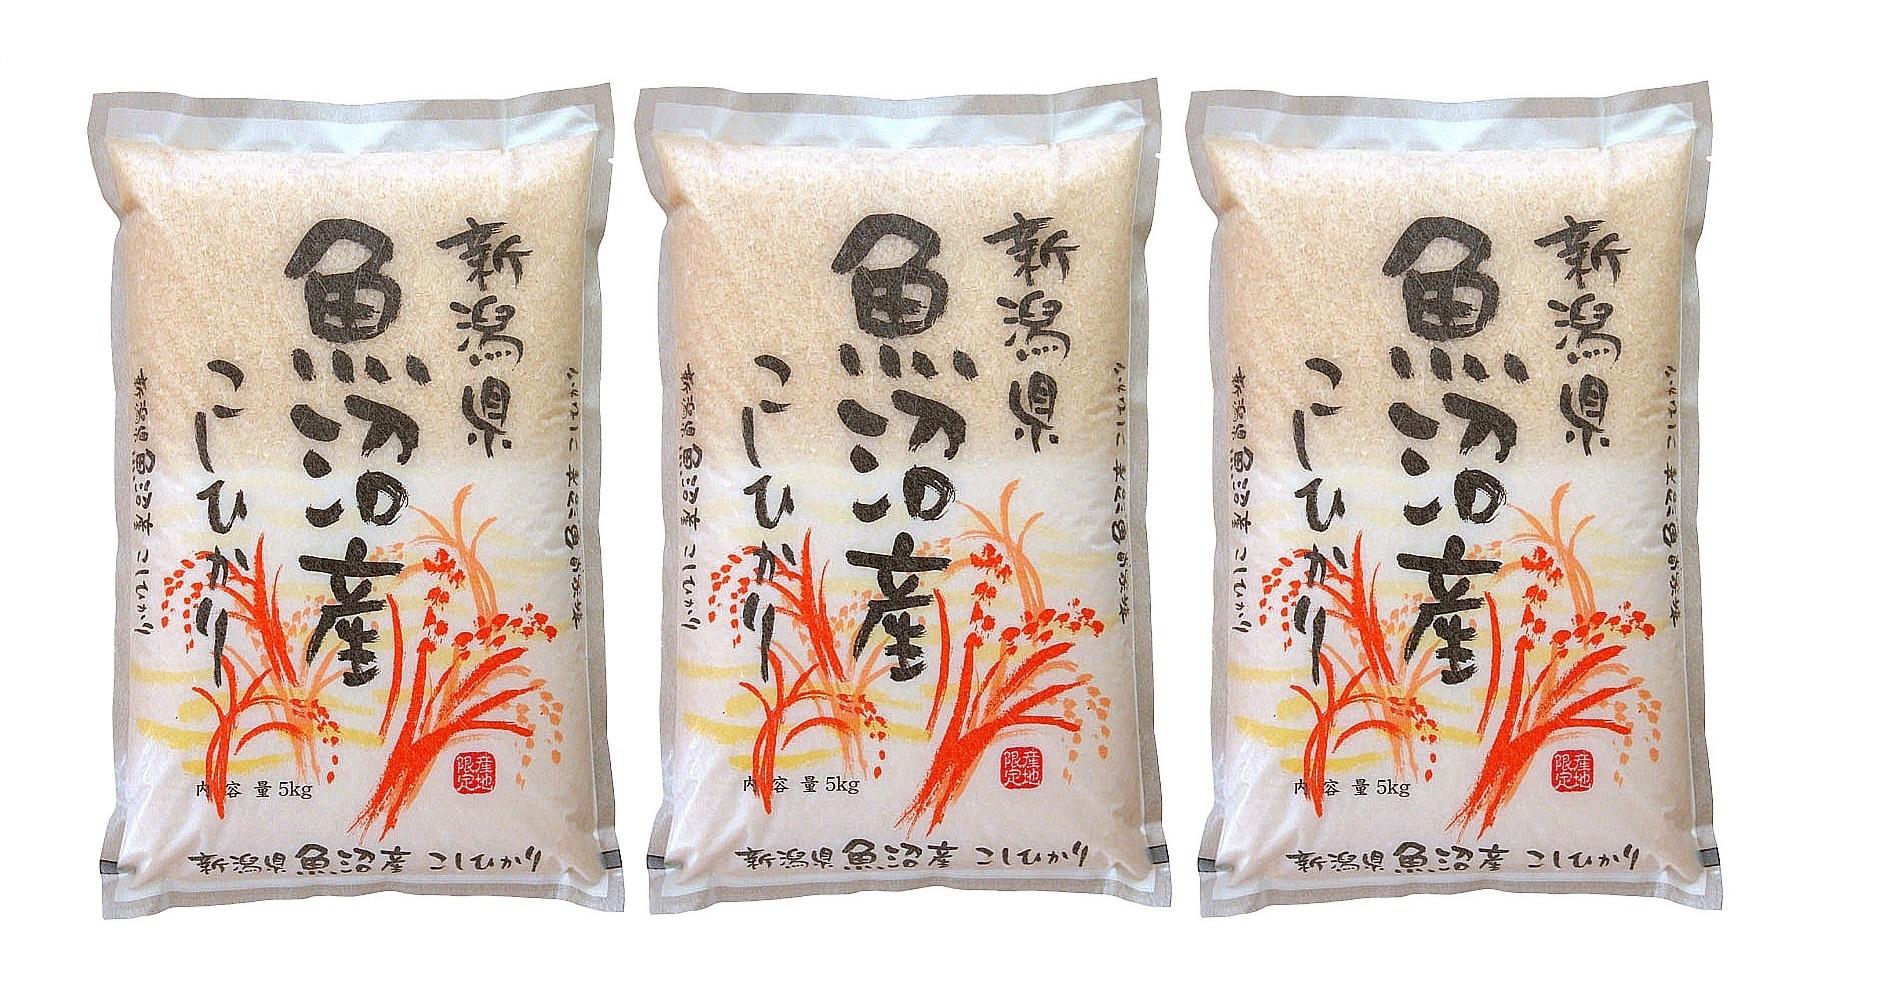 【新潟県】魚沼産コシヒカリ15kg